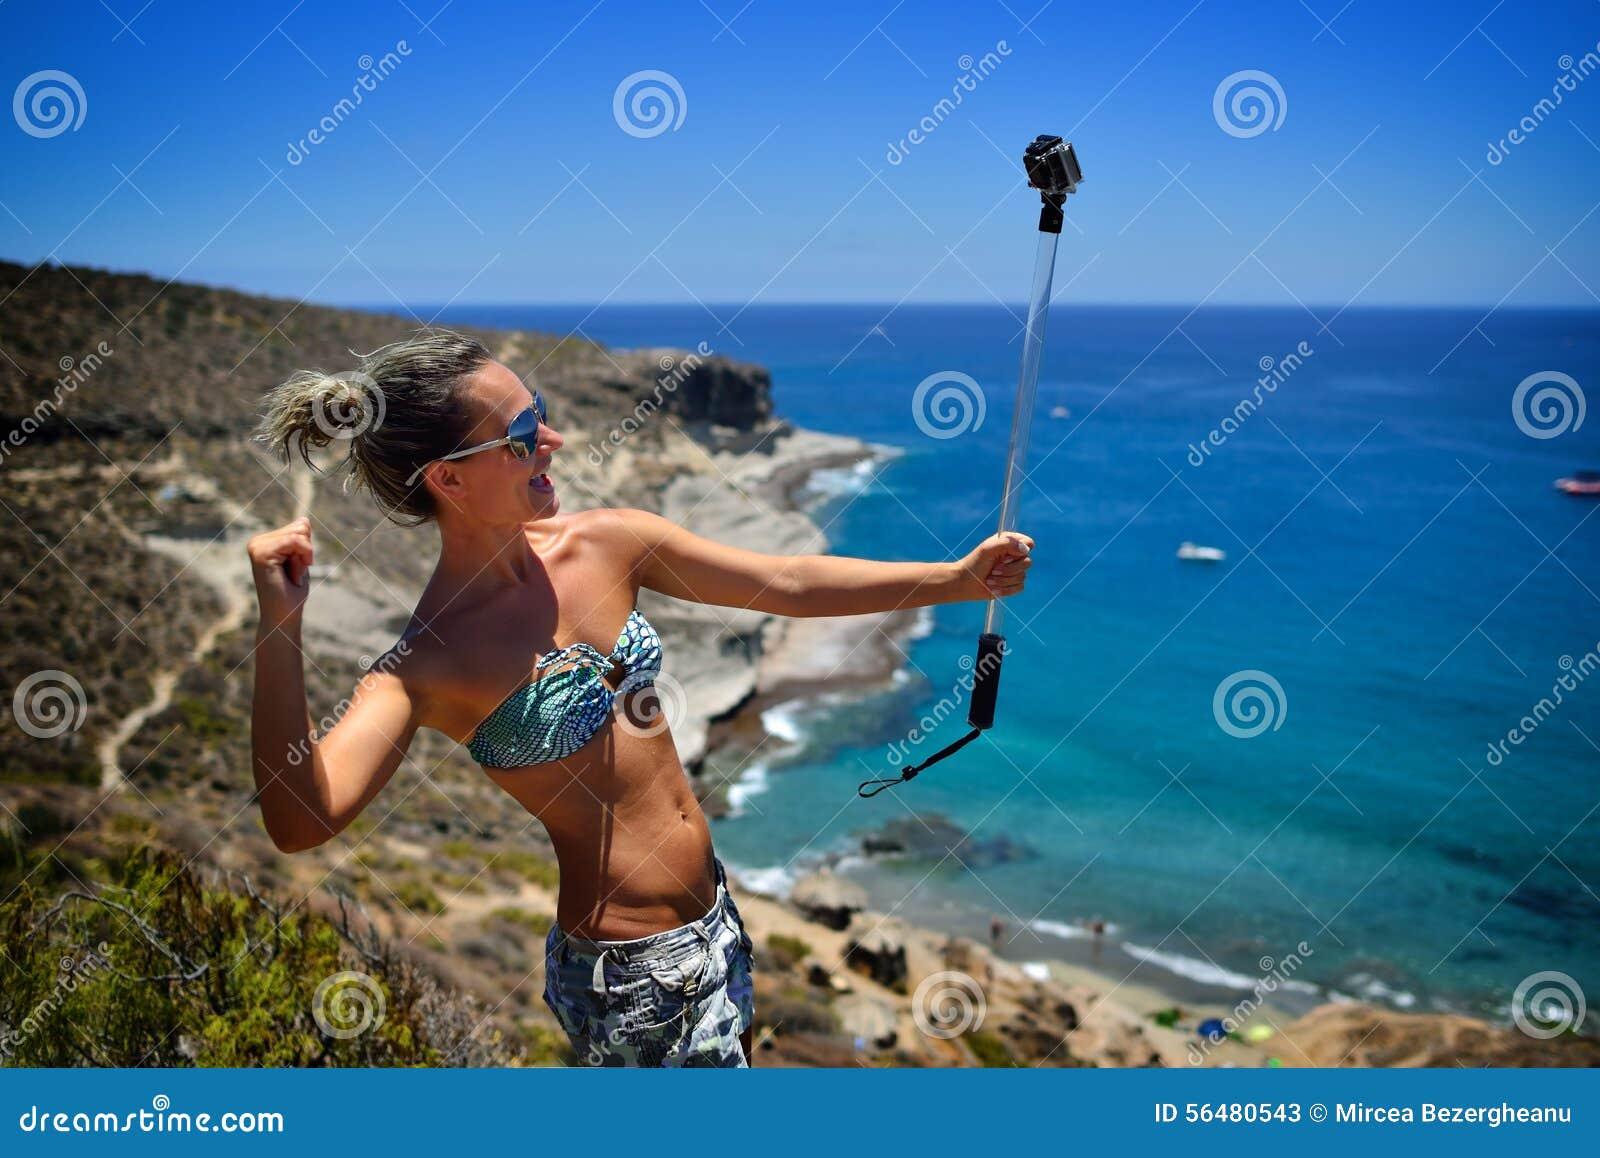 Jeune femme sur la plage en été utilisant le gopro